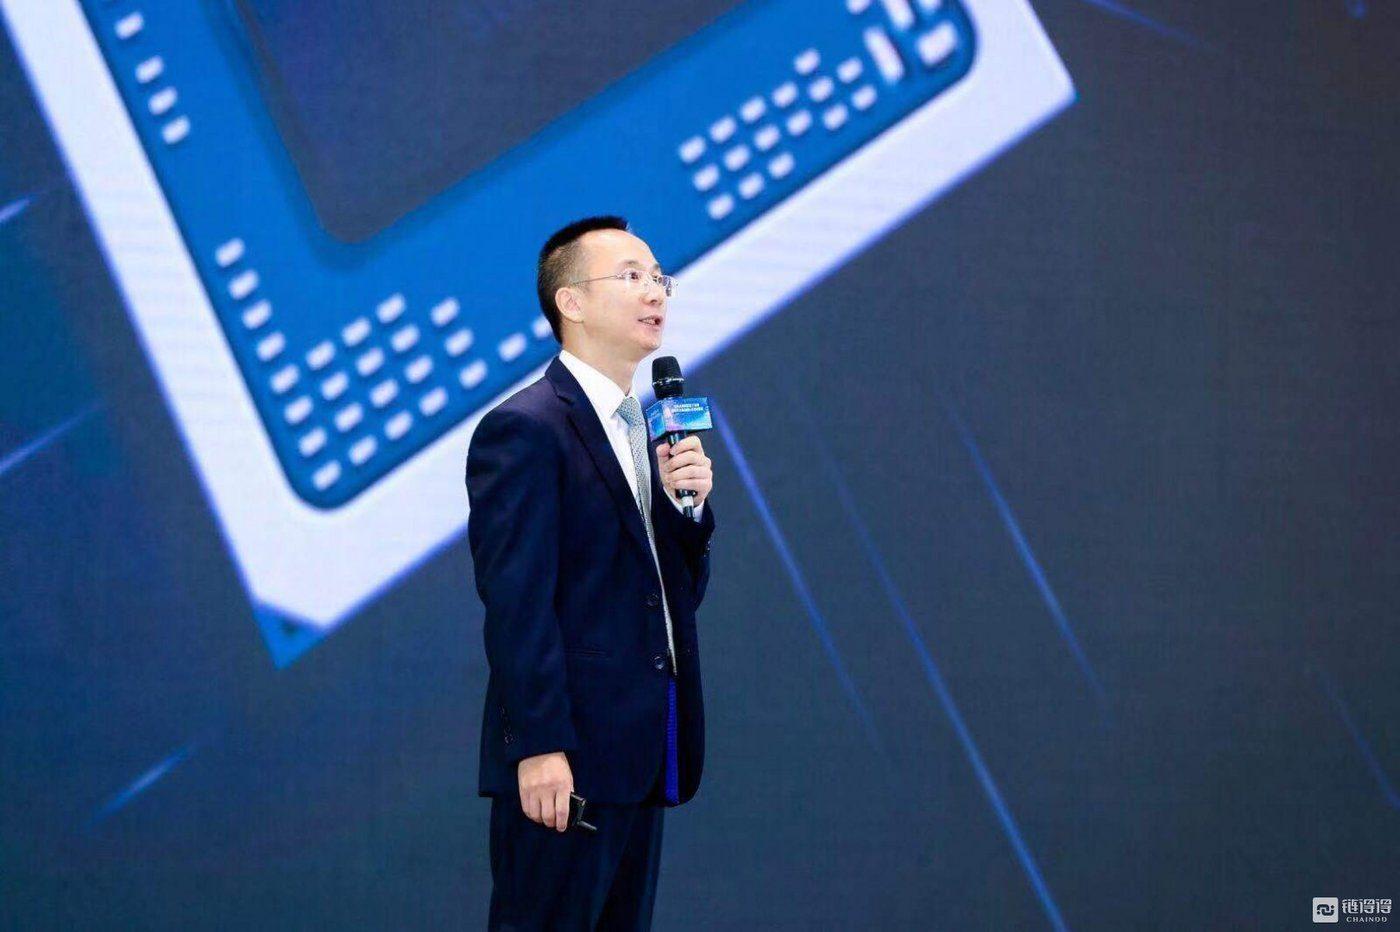 giá bitcoin: Đồng sáng lập Bitmain Micree Zhan sẽ mở cuộc chiến pháp lý để giành lại công ty